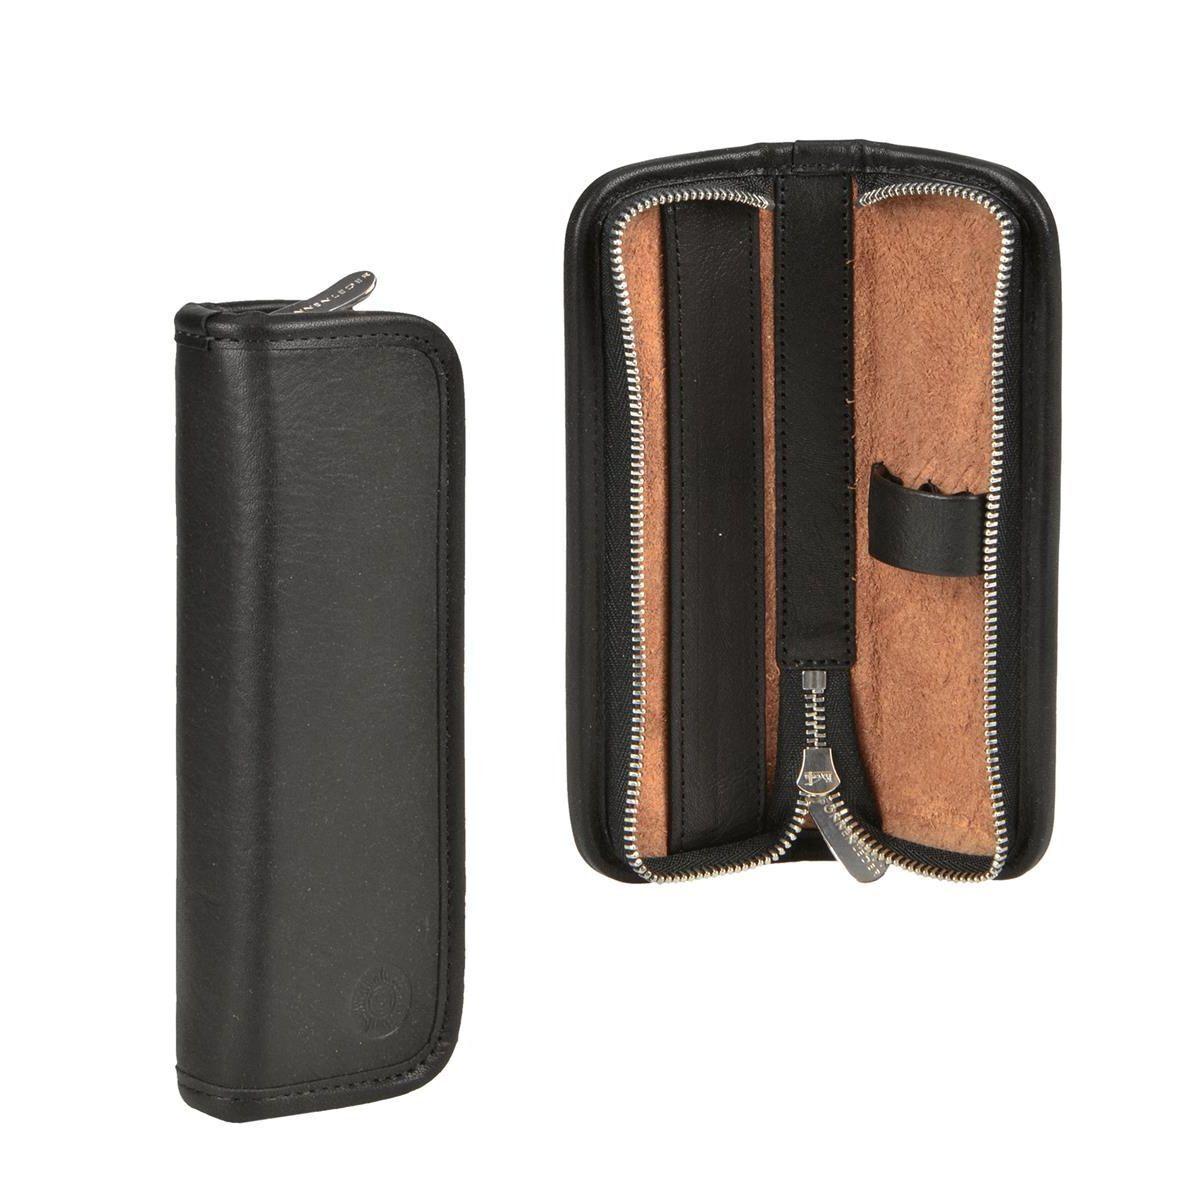 Sonnenleder Stifteetui für 3 Stifte Federtasche Leder Grass Stiftetui schwarz | Online einkaufen  | Haltbarer Service  | Elegante und robuste Verpackung